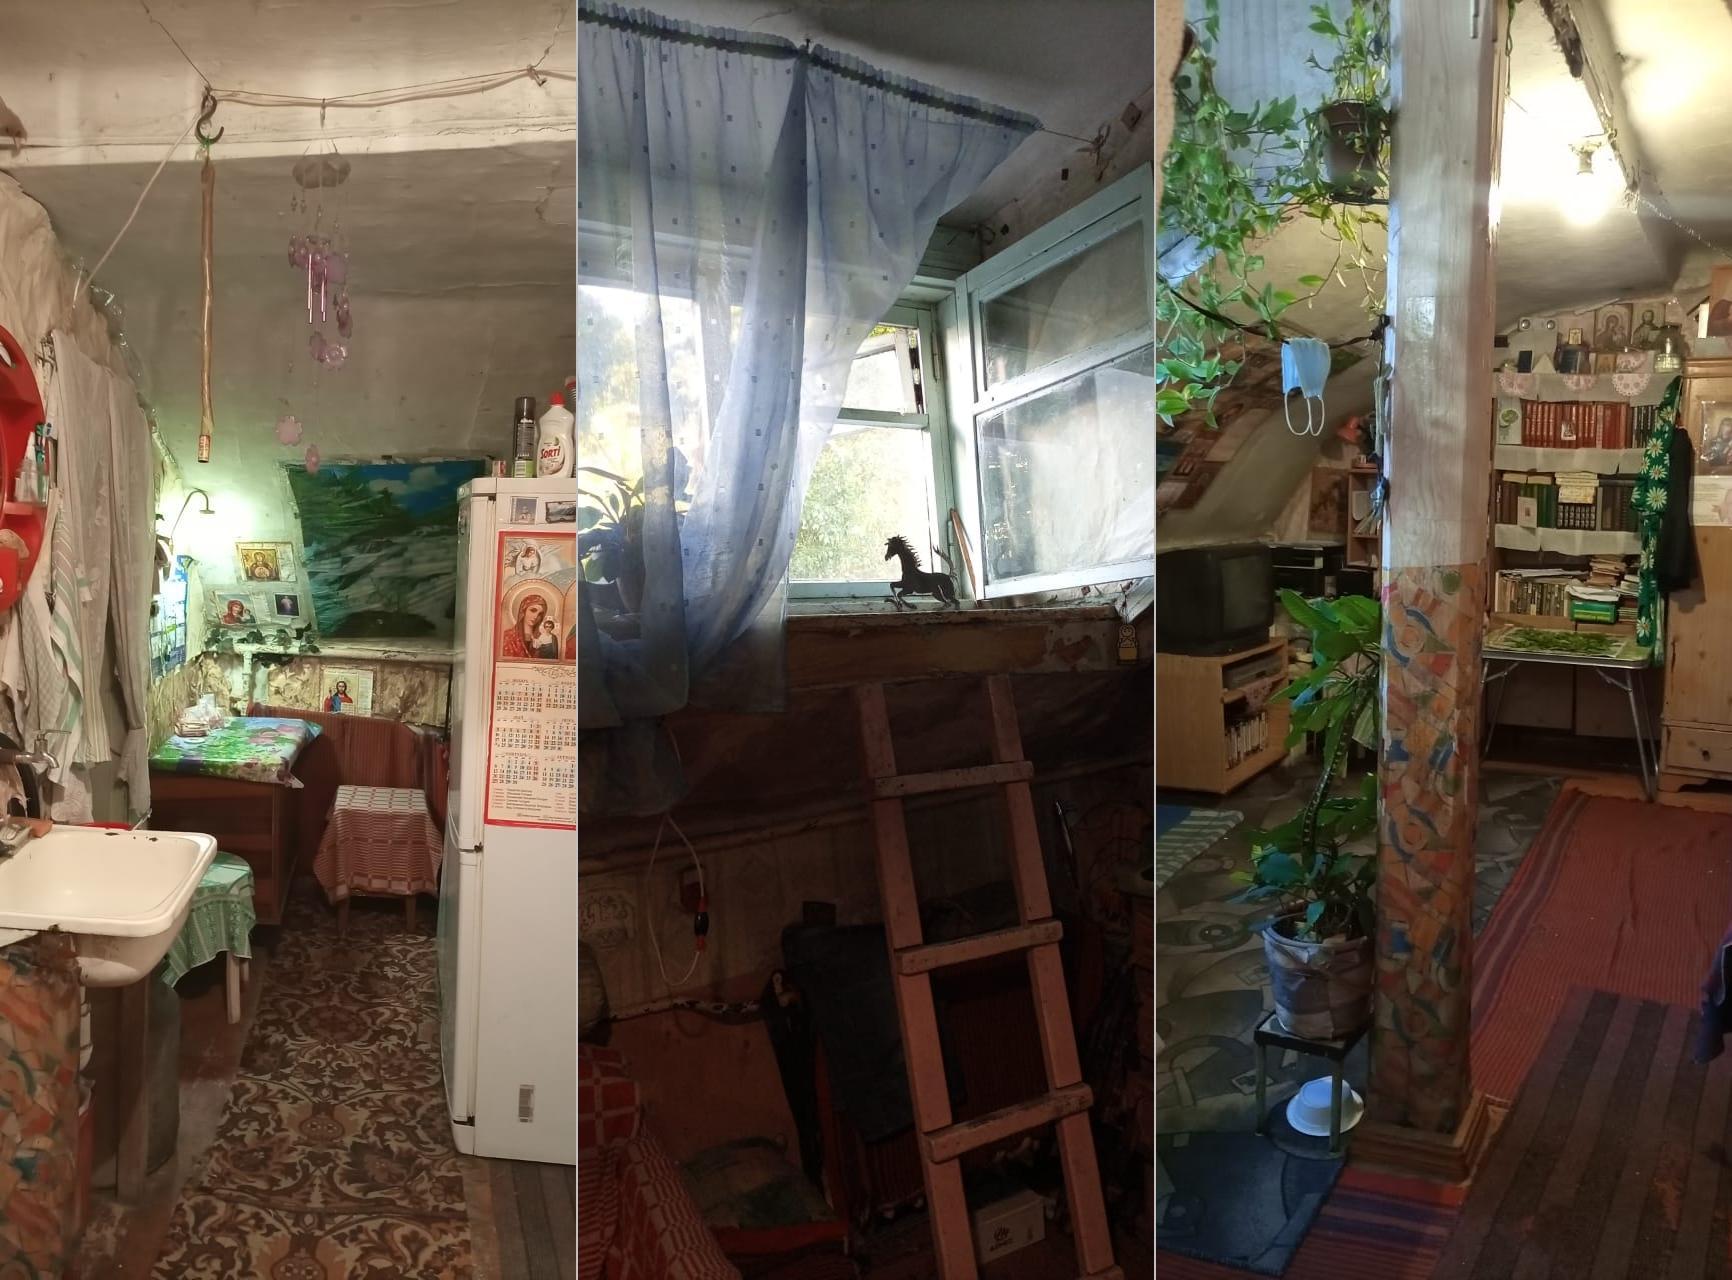 фото Семья ветерана труда из Новосибирска 30 лет ждала новое жильё – и рискует вылететь из очереди из-за «дыры в законах» 3